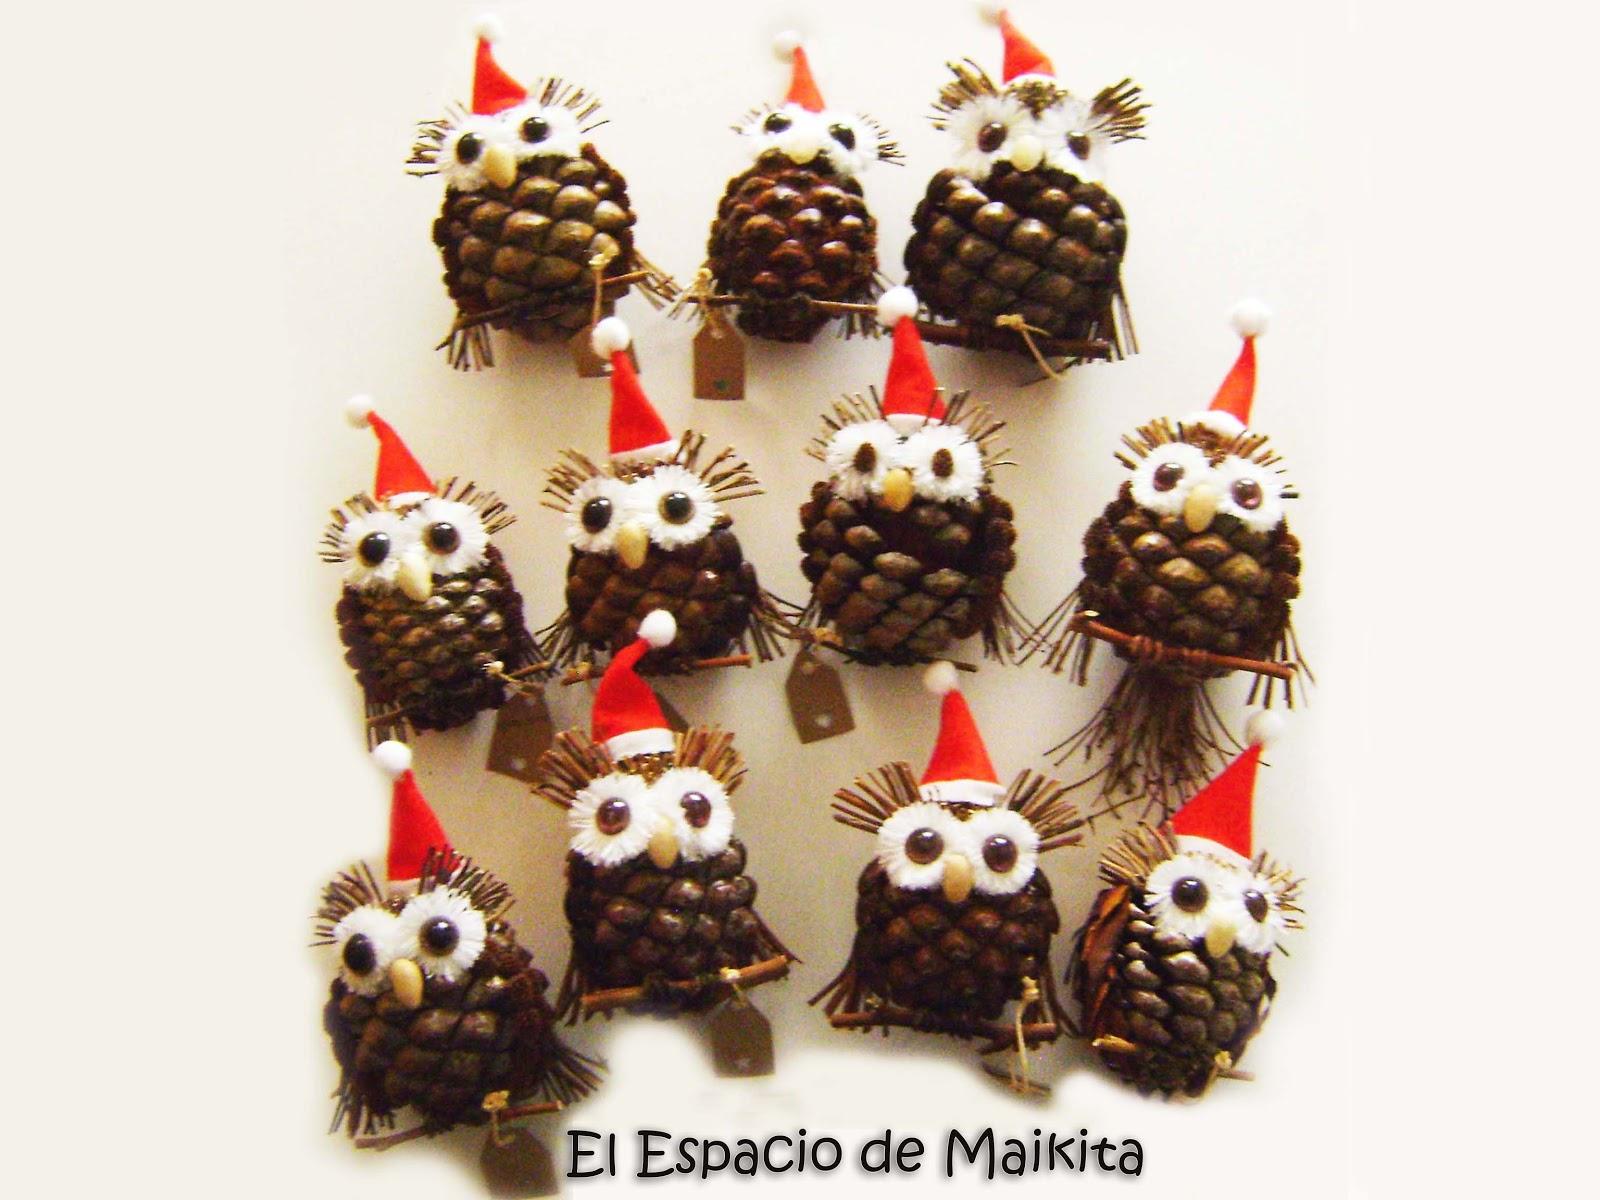 El espacio de maikita buhos decorativos con pi as - Adornos navidad con pinas ...